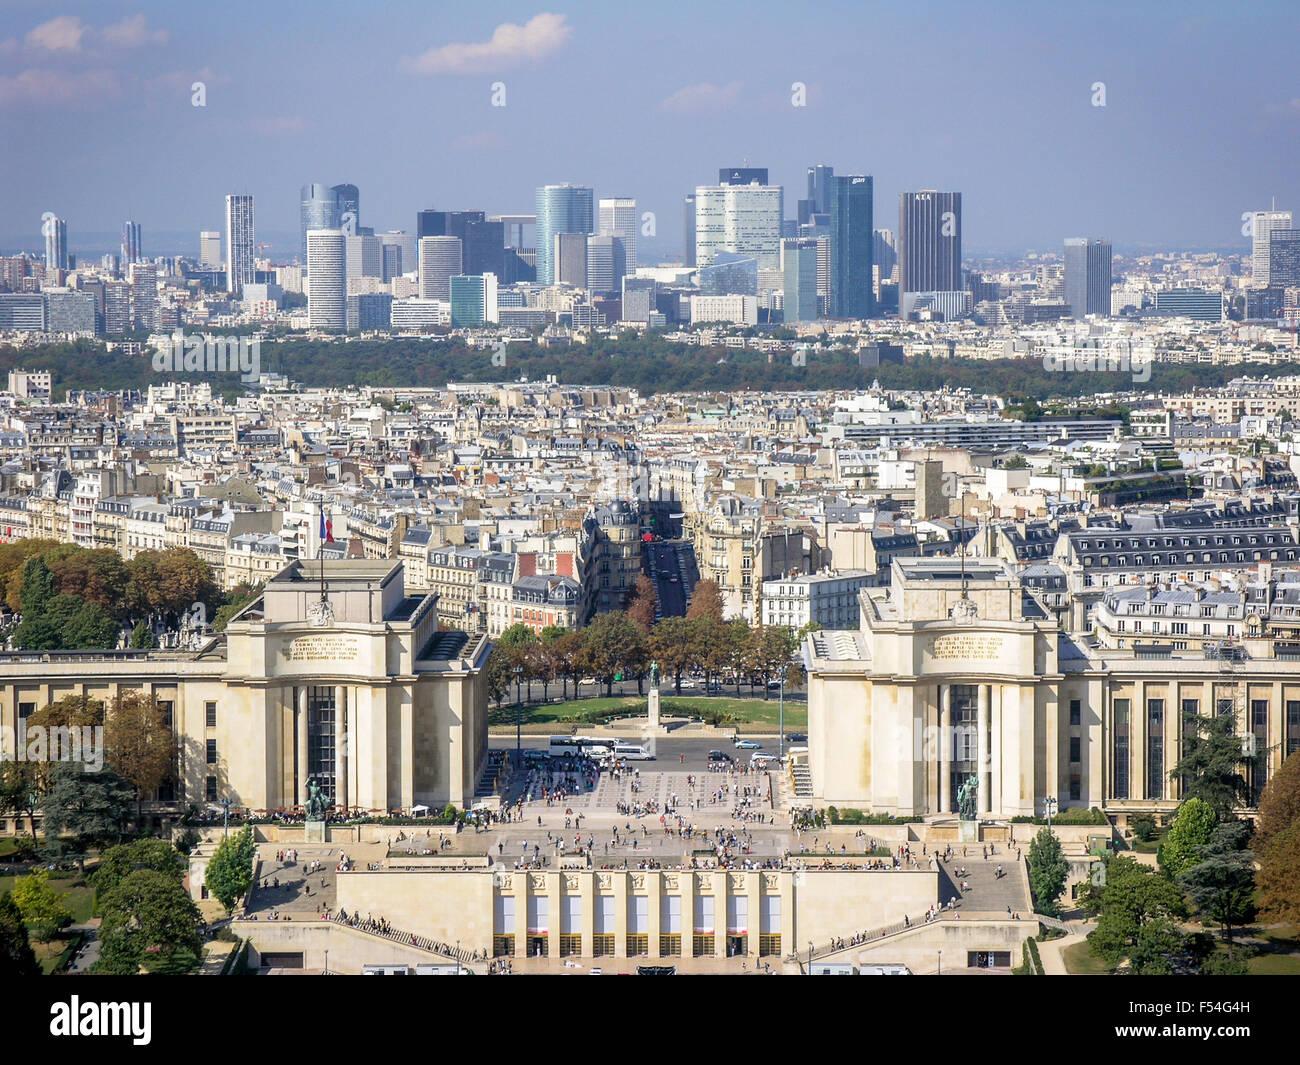 palais-de-chaillot-and-business-district